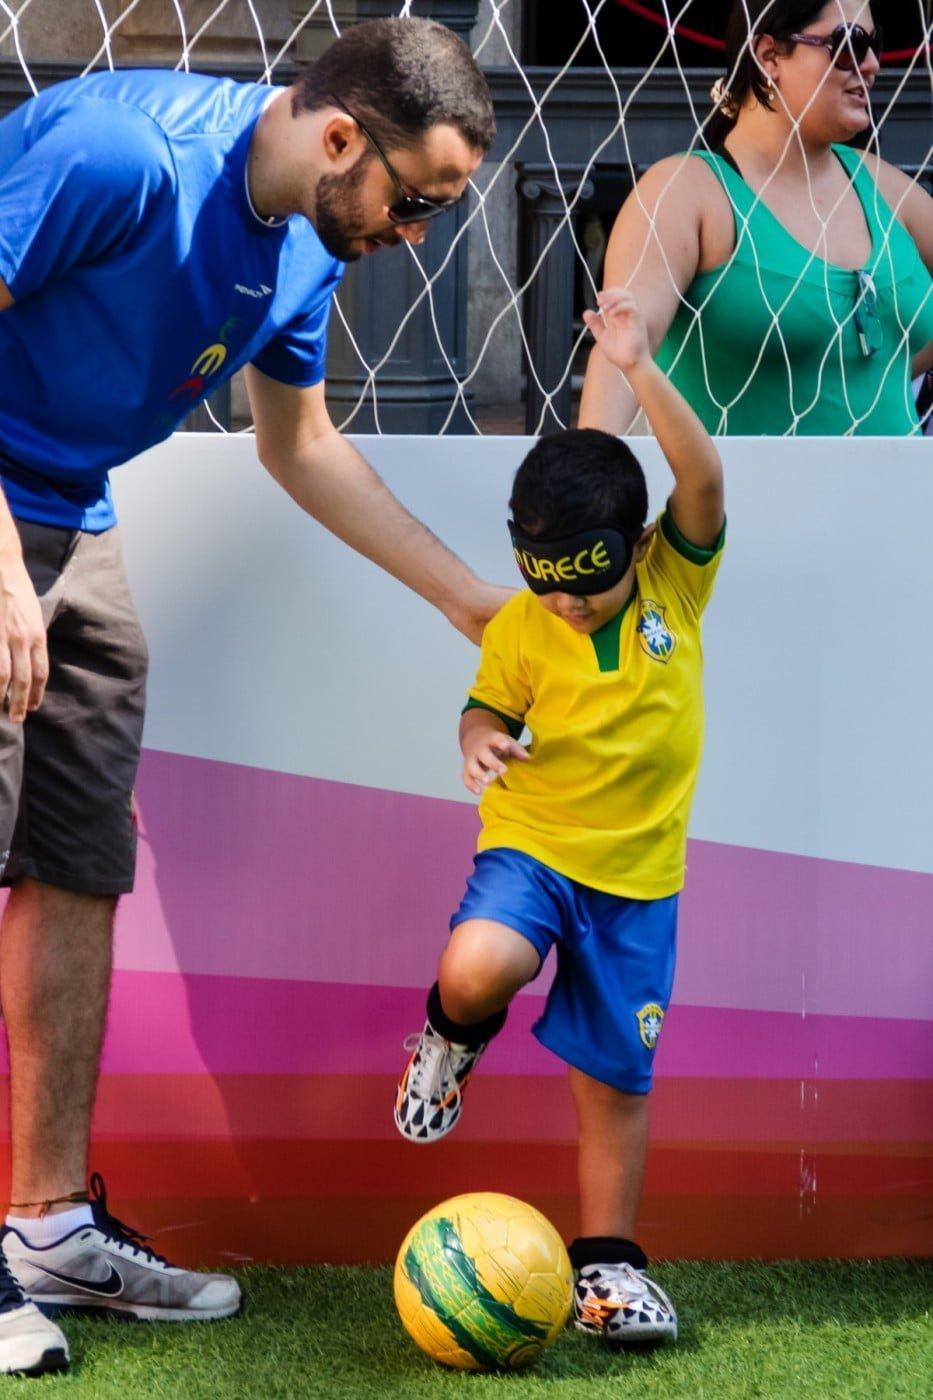 Um integrante da Urece orienta um garoto numa apresentação da associação, no Museu da República.